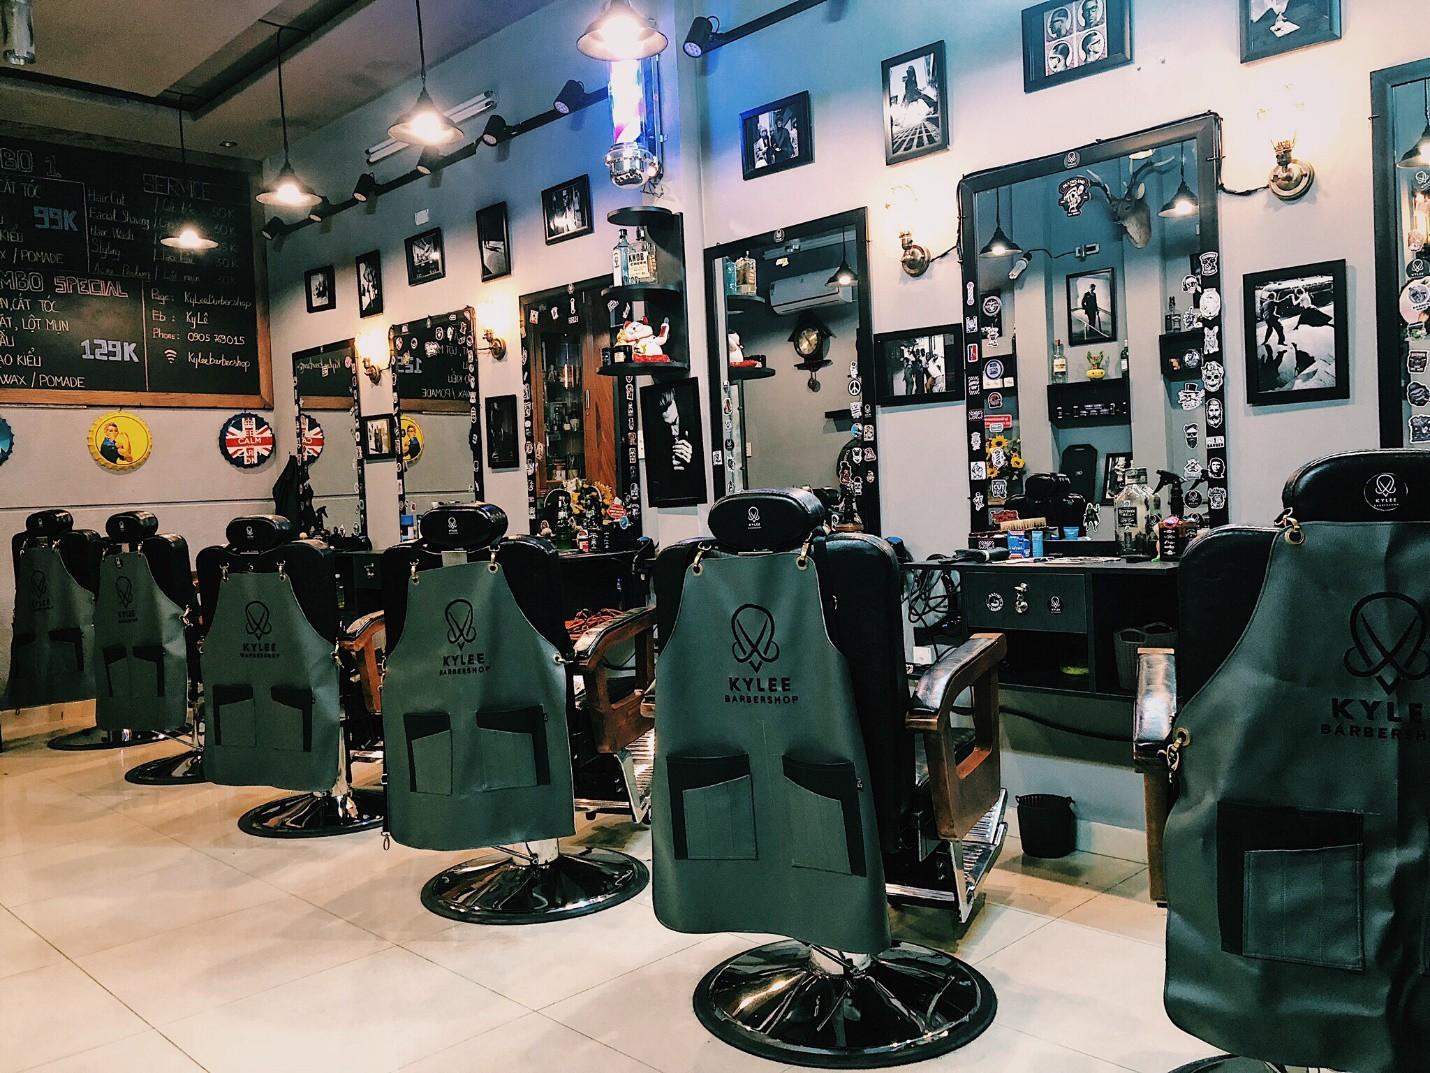 """Ky Lee Barber shop – Tiệm cắt tóc """"cực chất"""" dành cho các quý ông - Ảnh 9."""